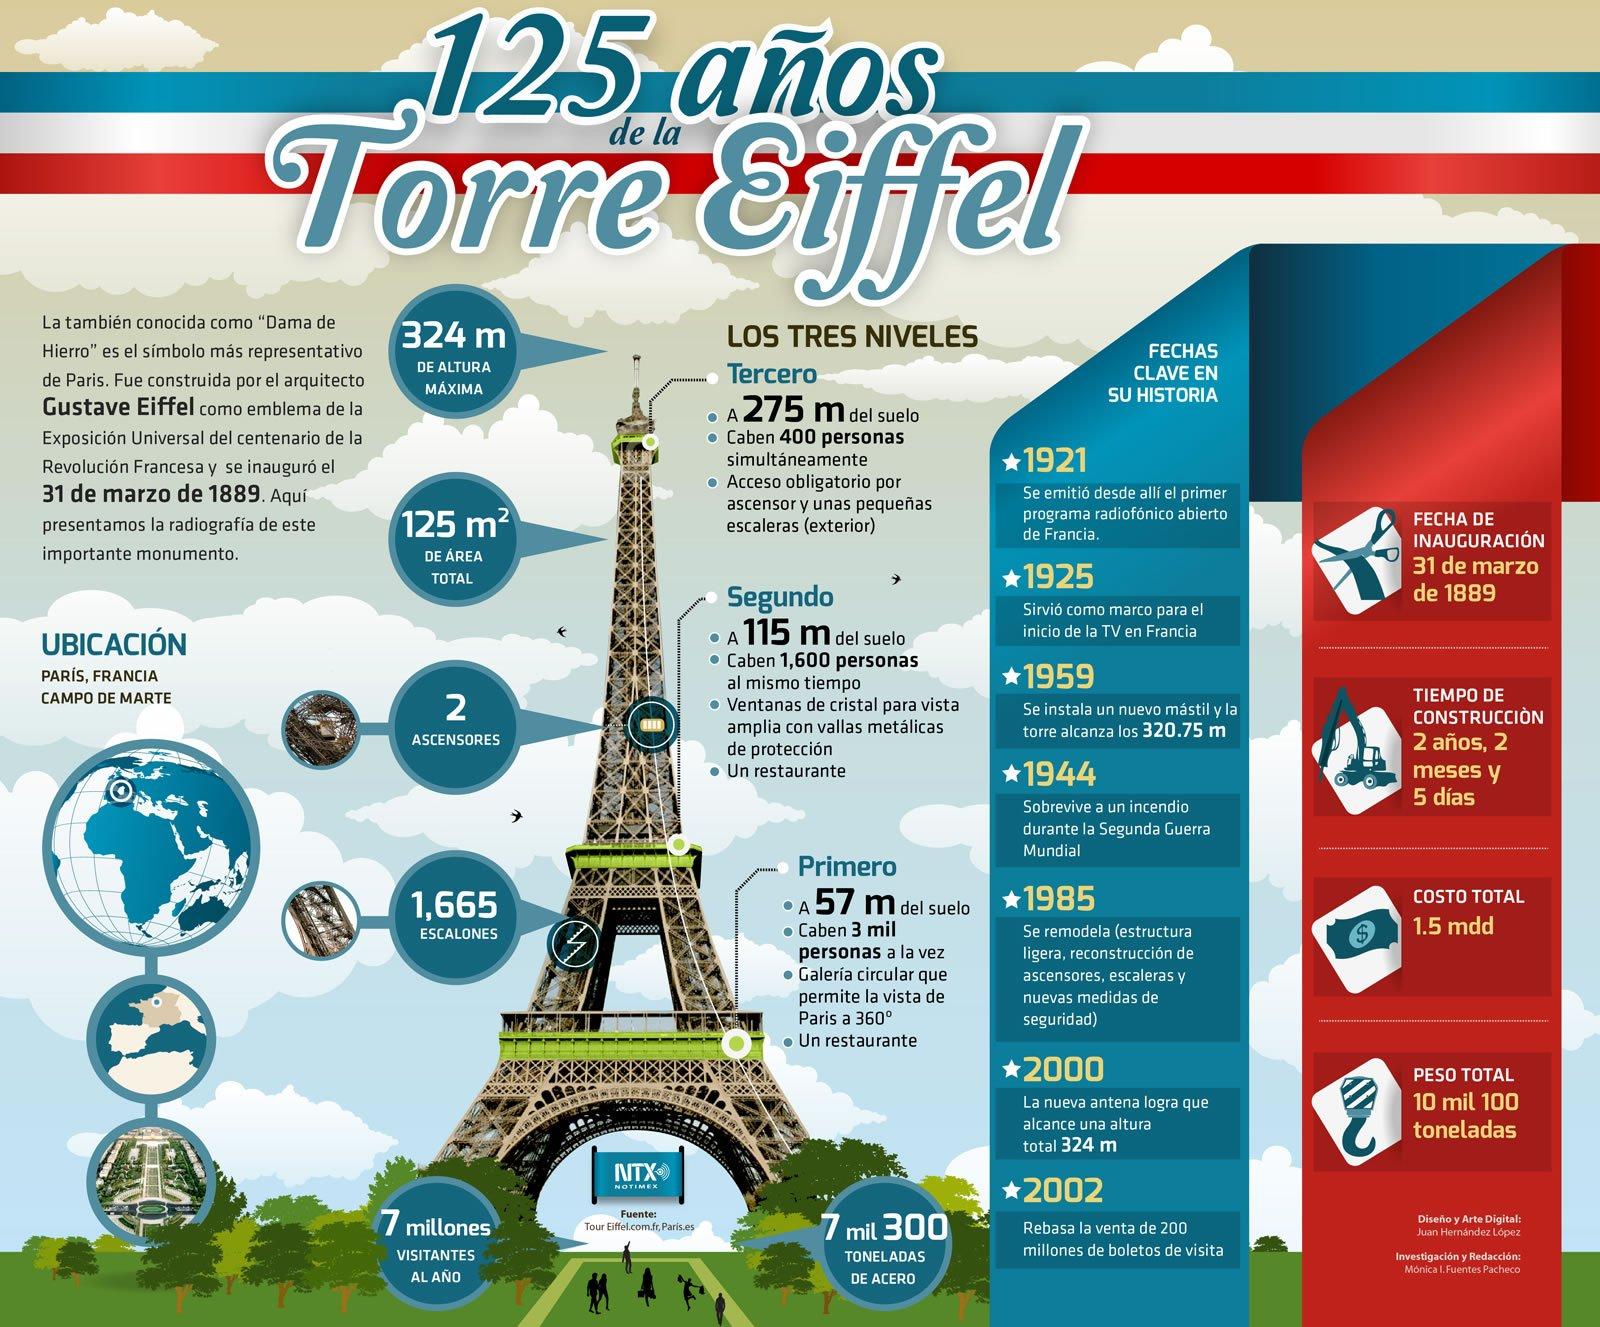 Inforgrafía de la celebración de los 125 años de la Torre Eiffel.